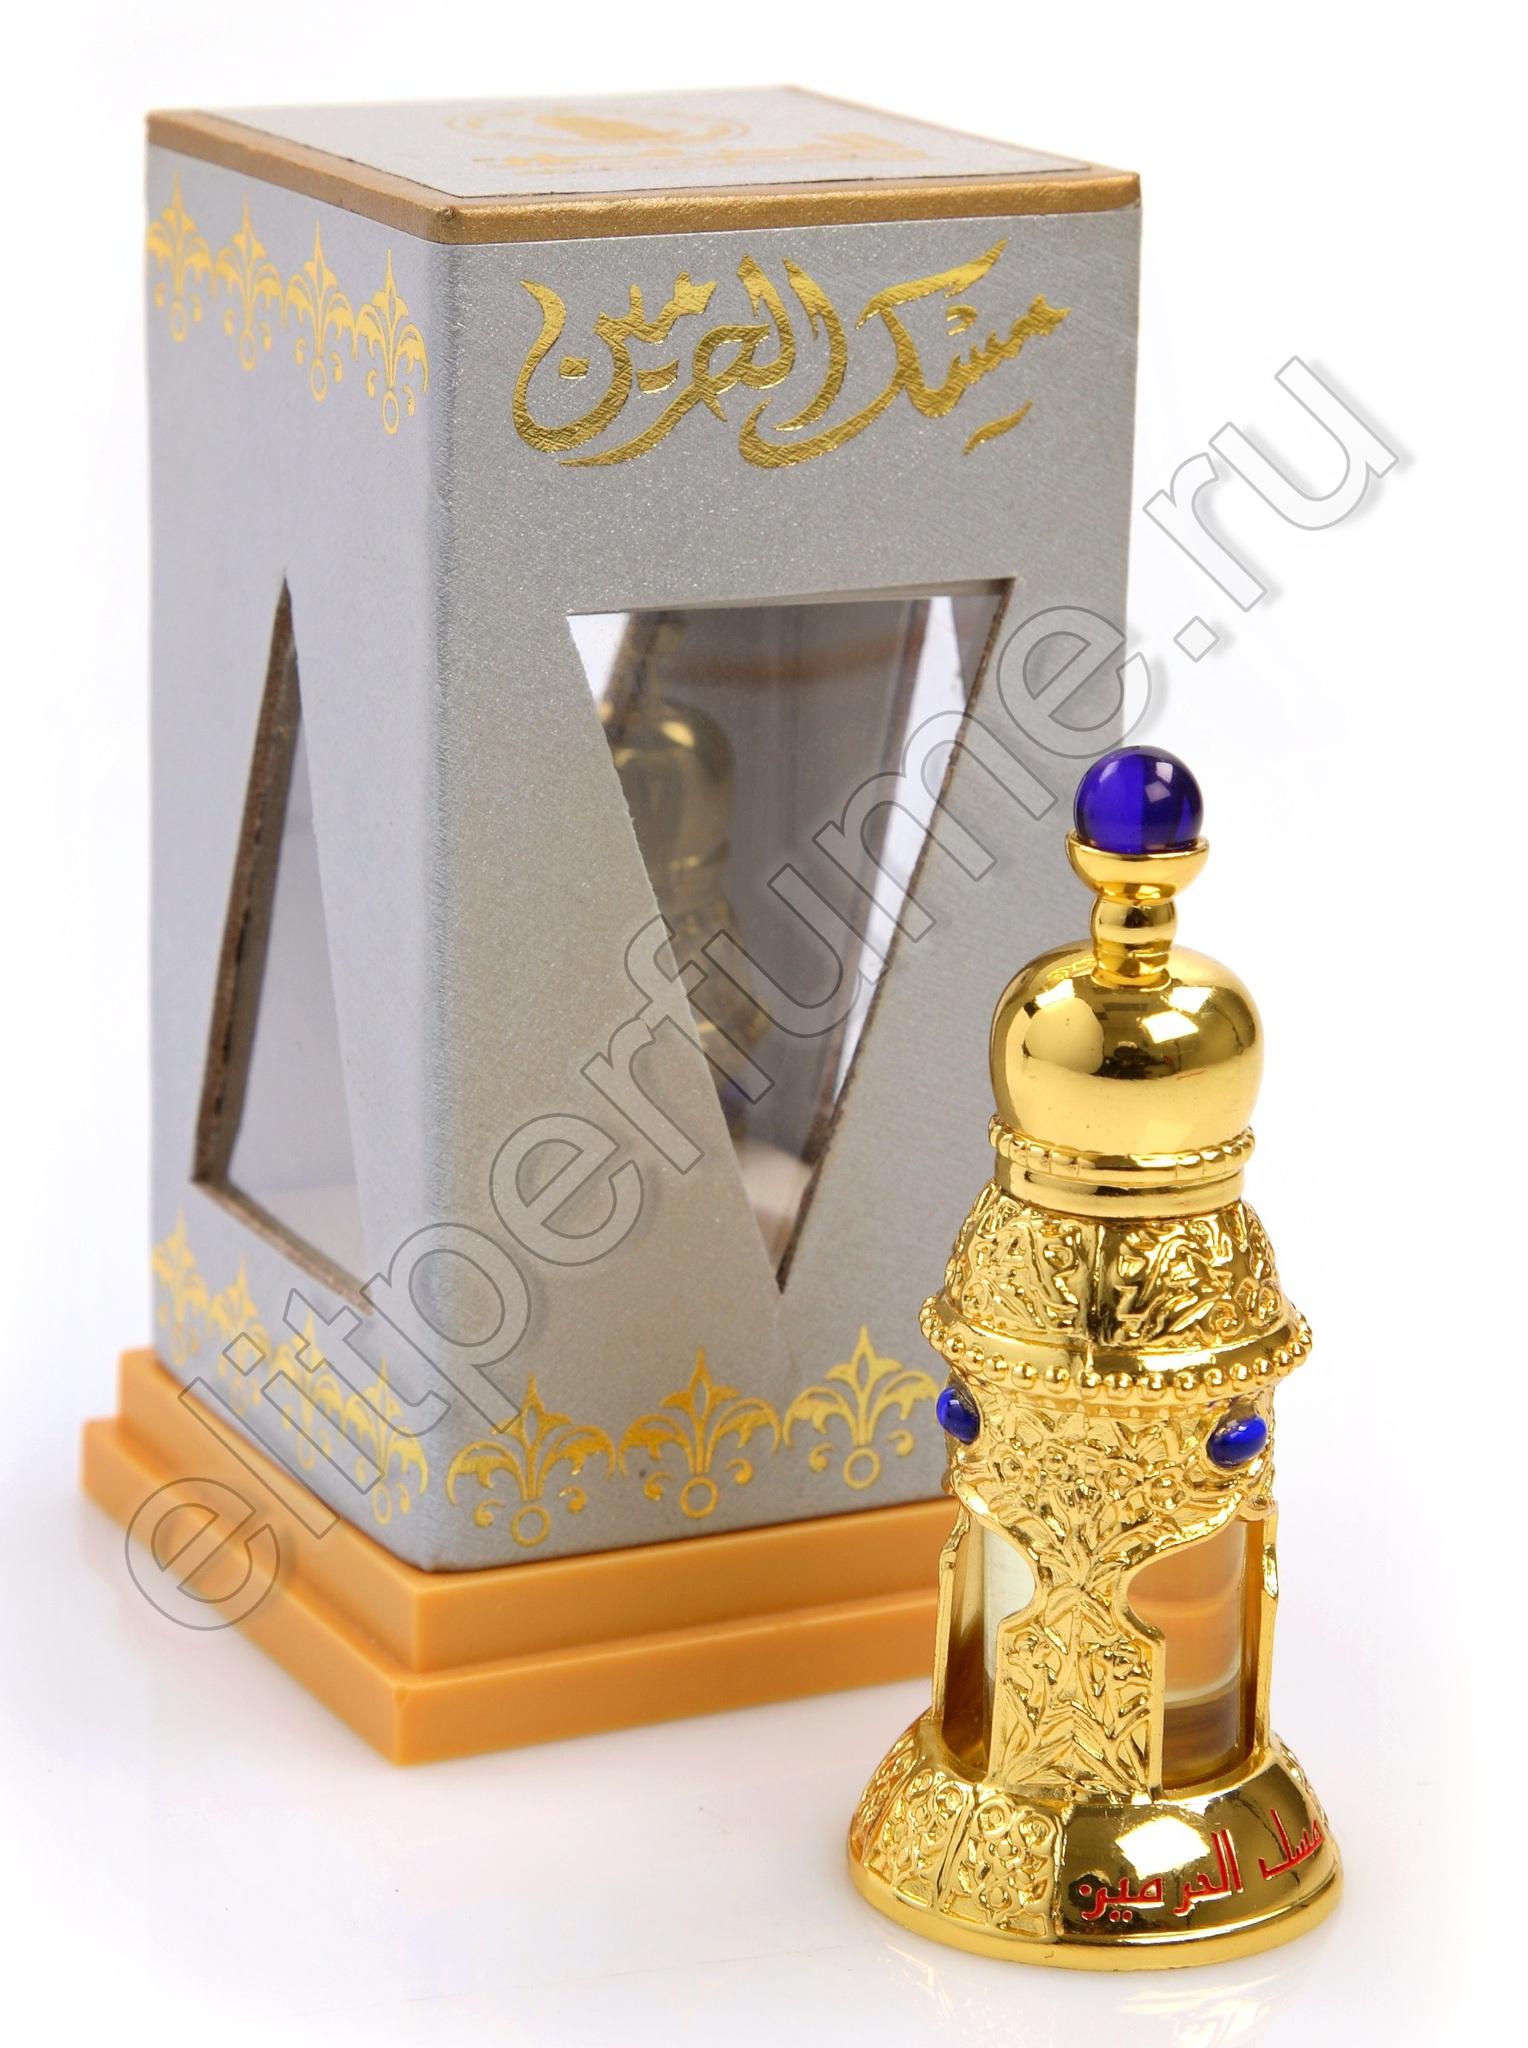 Пробники для Мускус Аль Харамайн Musk Al Haramain 1 мл арабские масляные духи от Аль Харамайн Al Haramin Perfumes